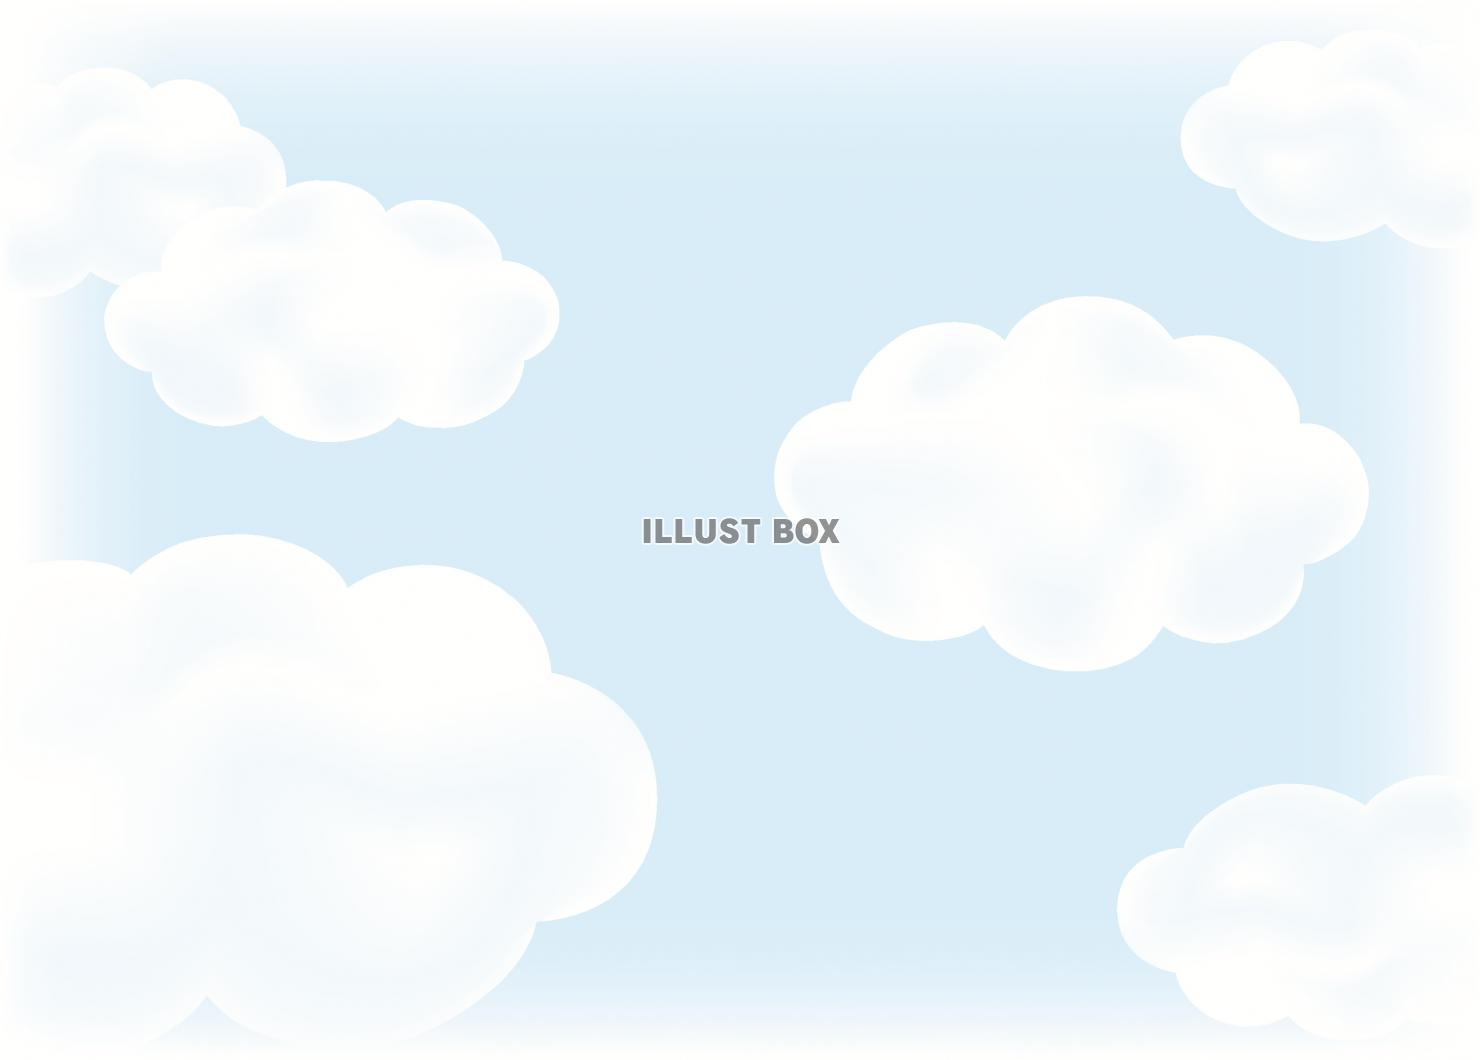 無料イラスト 雲がある背景